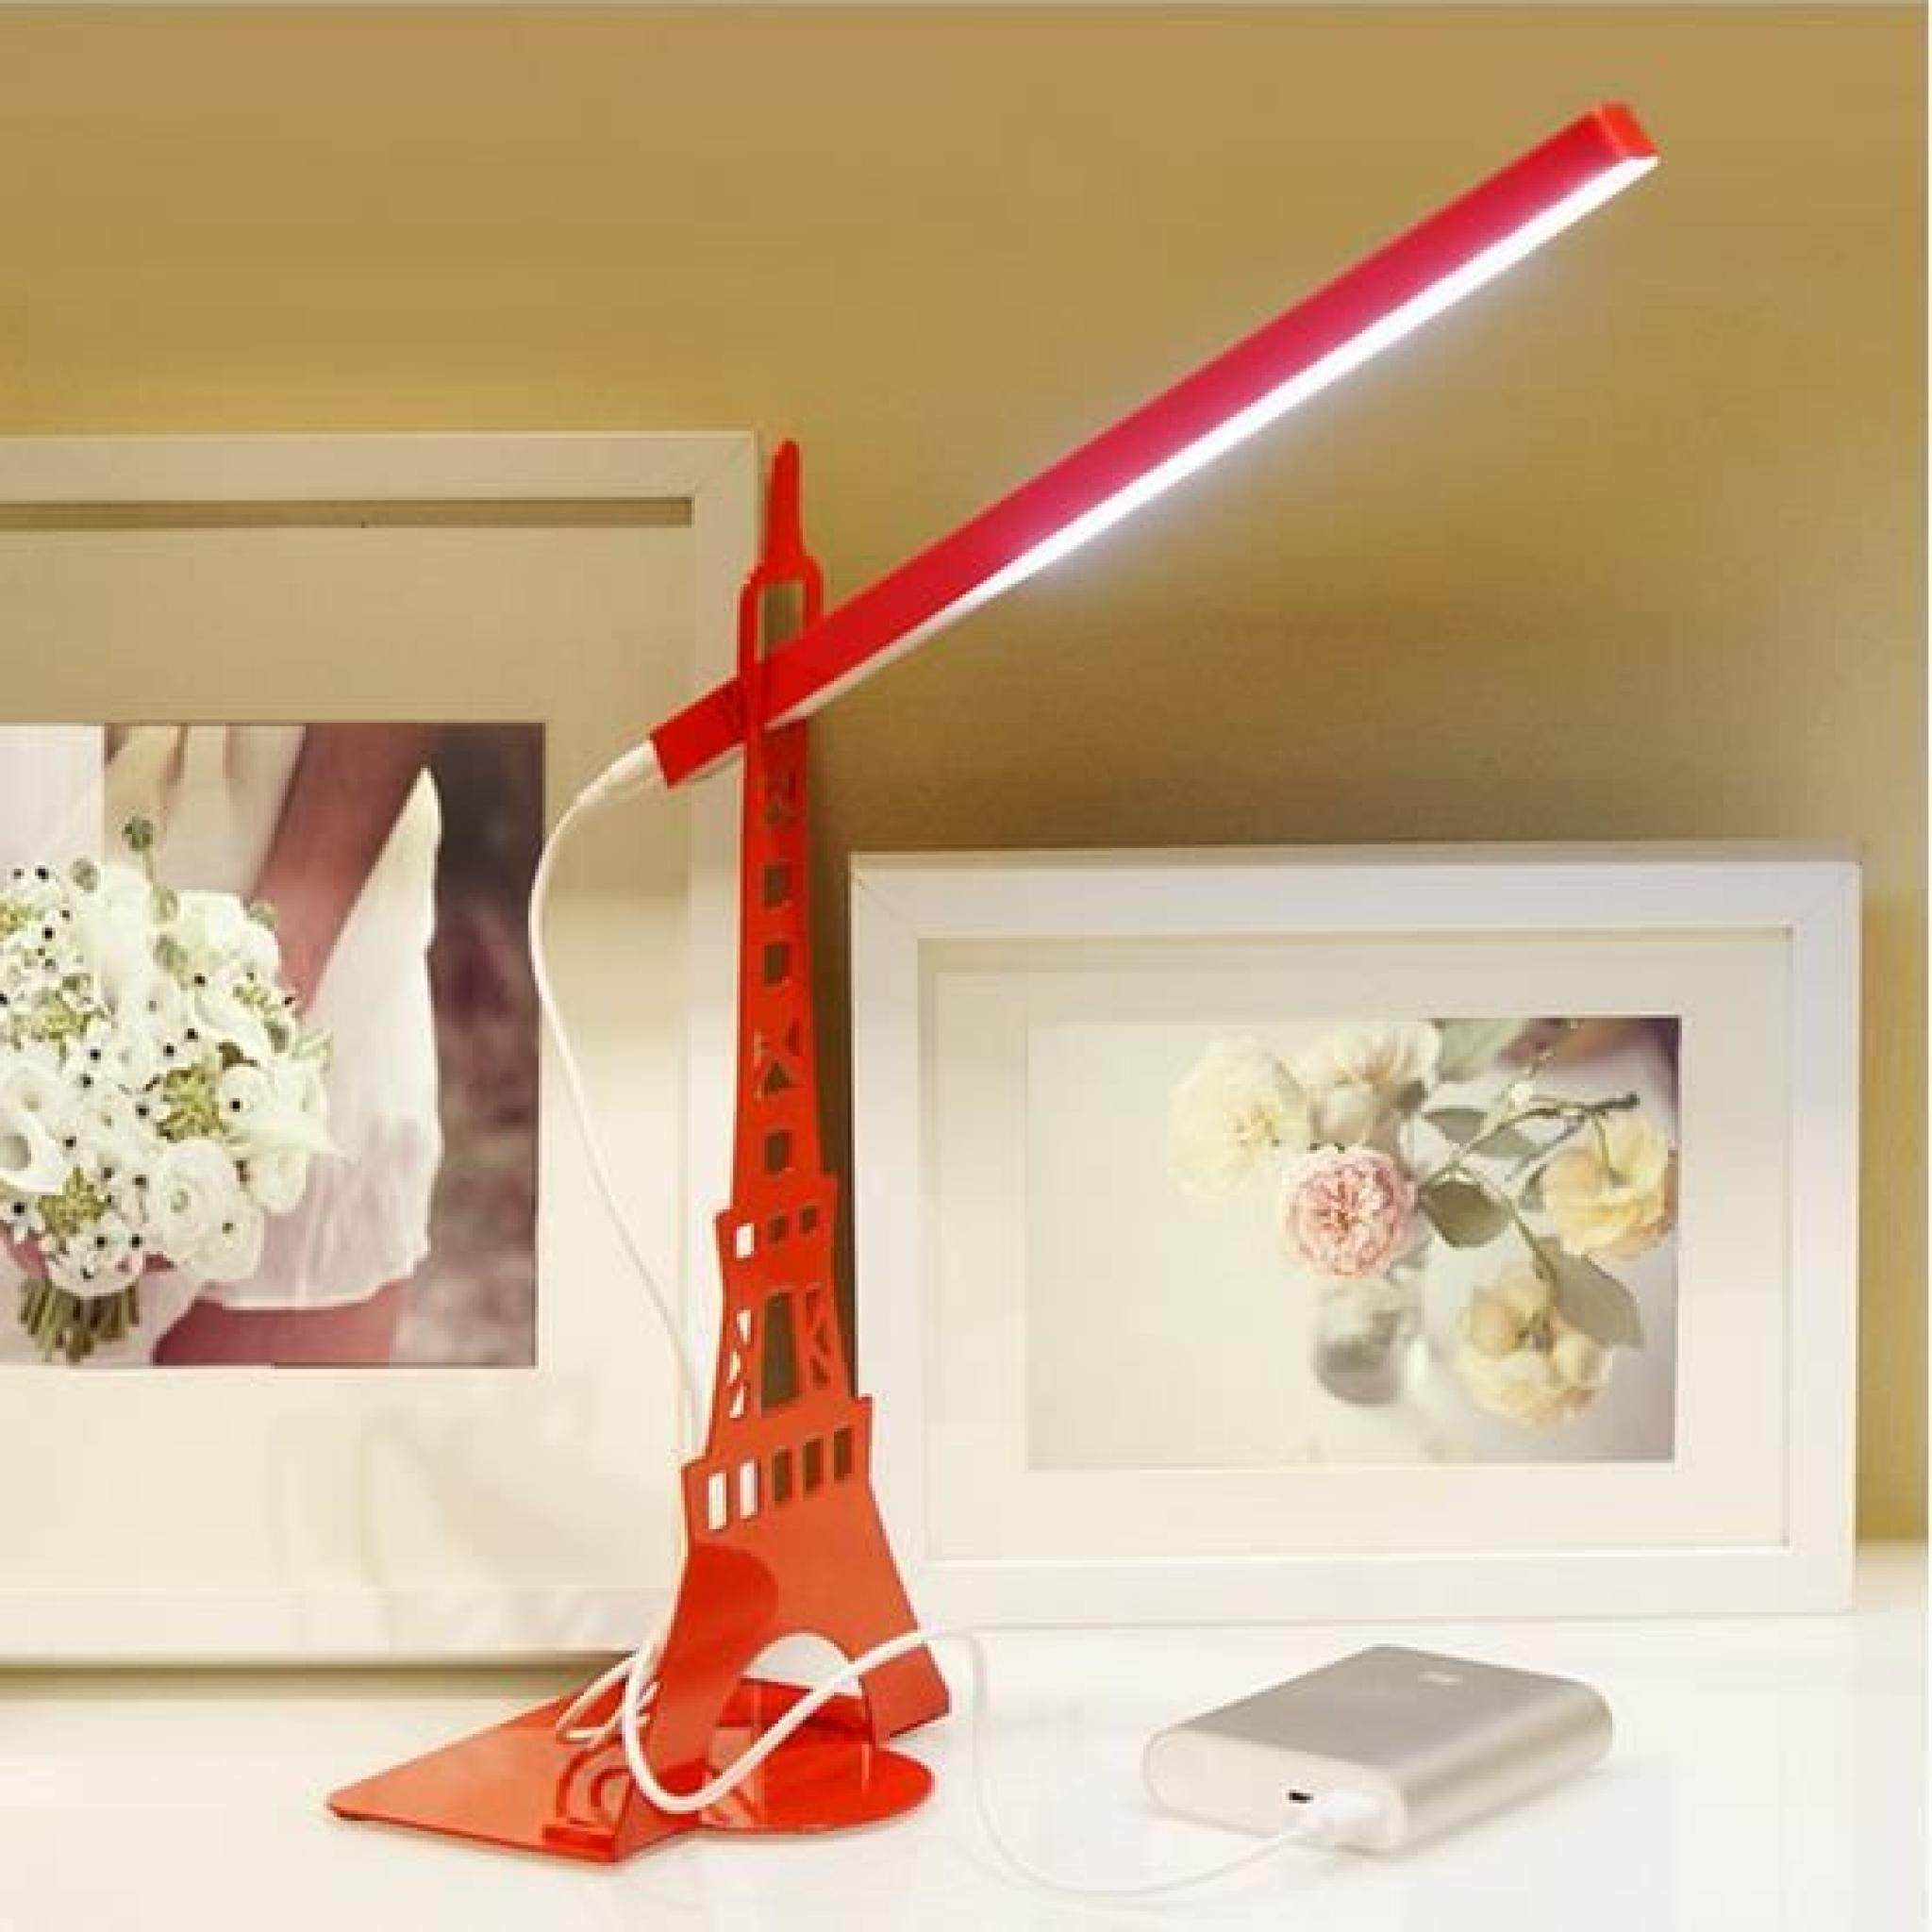 Créatif En De Eiffel Table Métal Lumière La lampe Nuit Usb lampe blanc Tour Nwmny80OPv